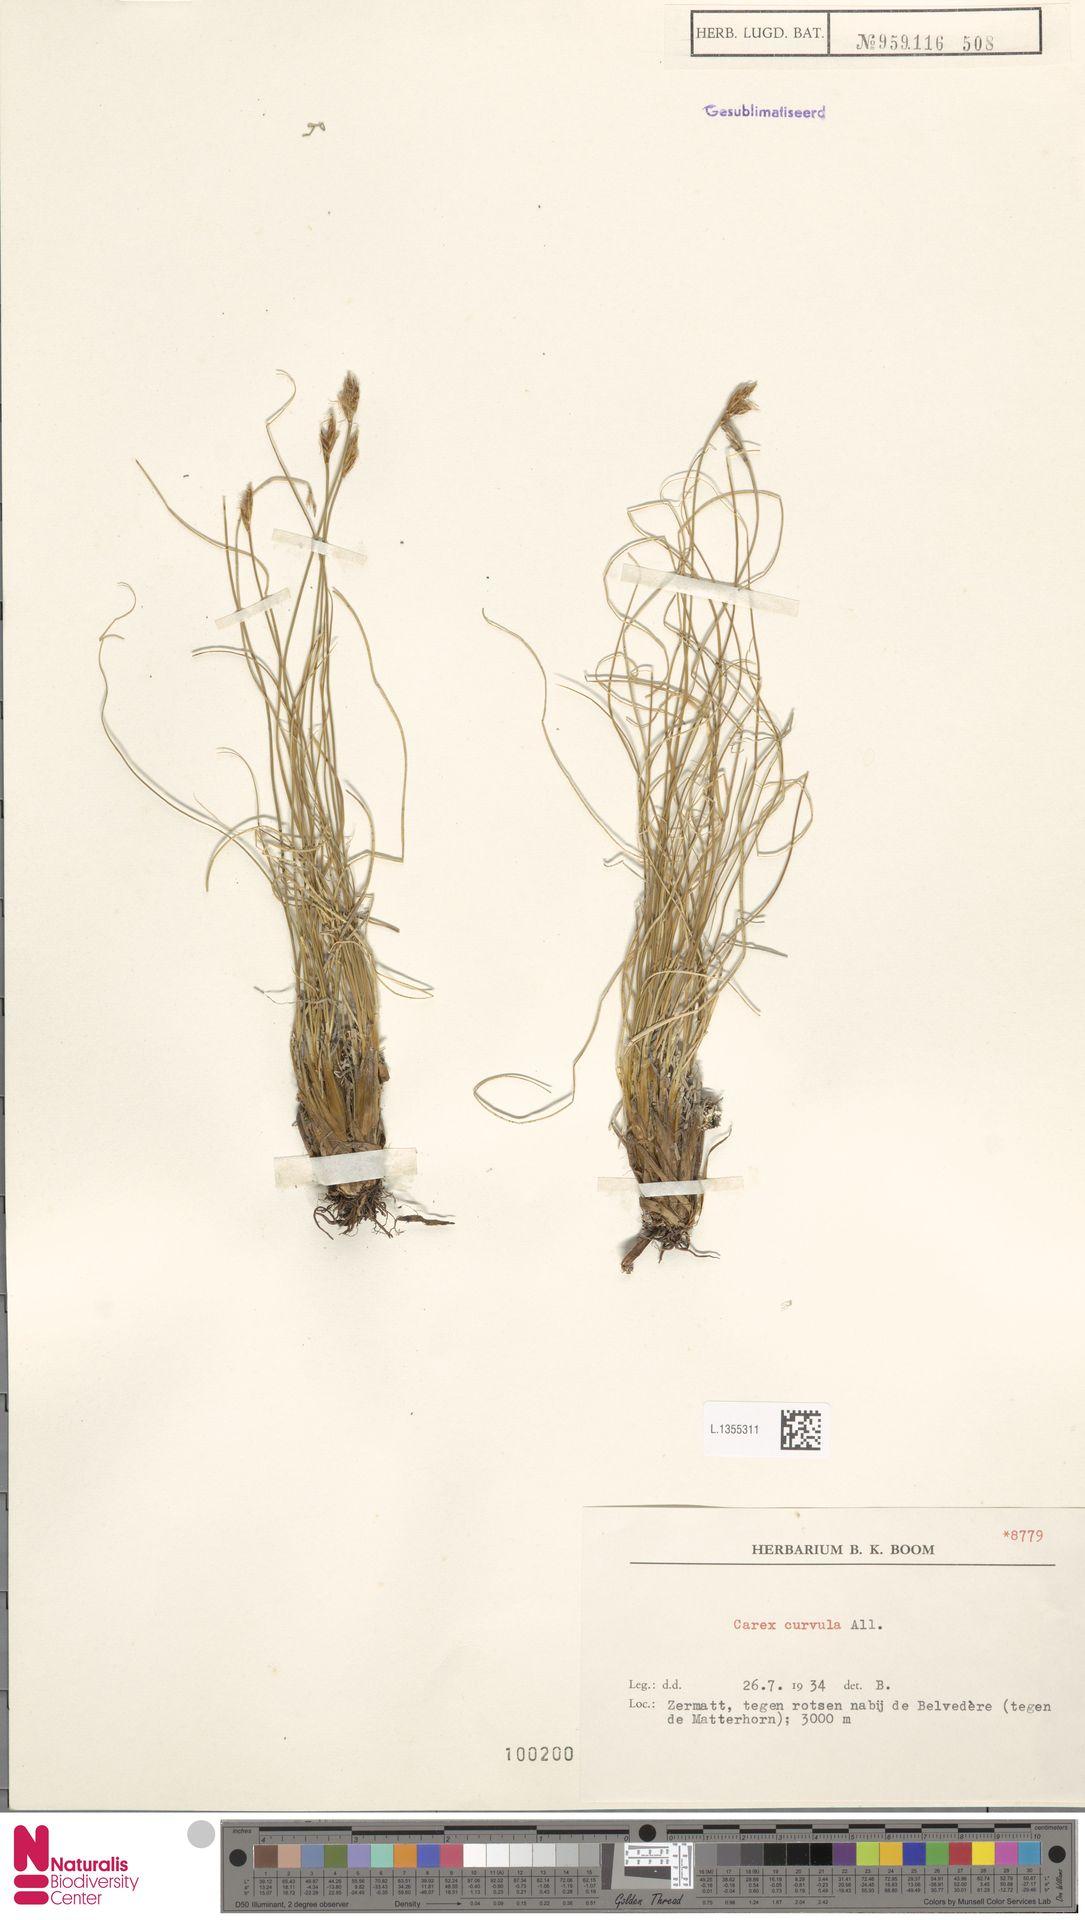 L.1355311 | Carex curvula All.